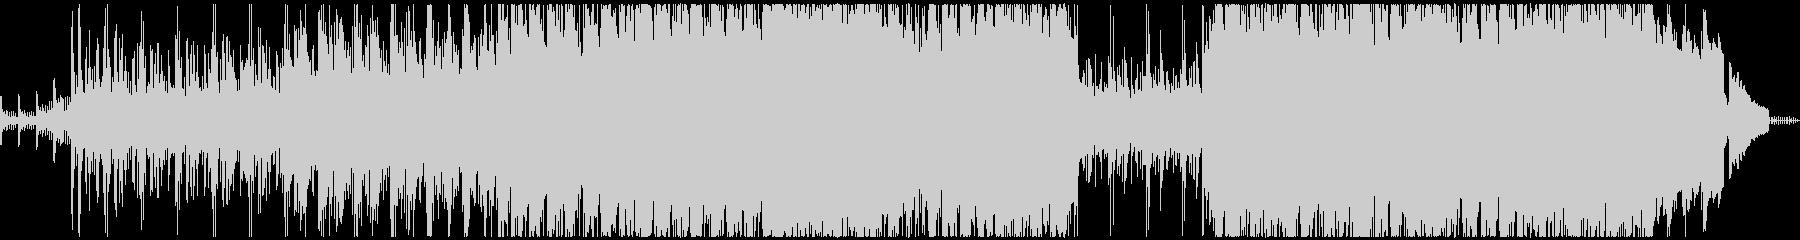 時計仕掛けの風変わりなパンクロックの未再生の波形